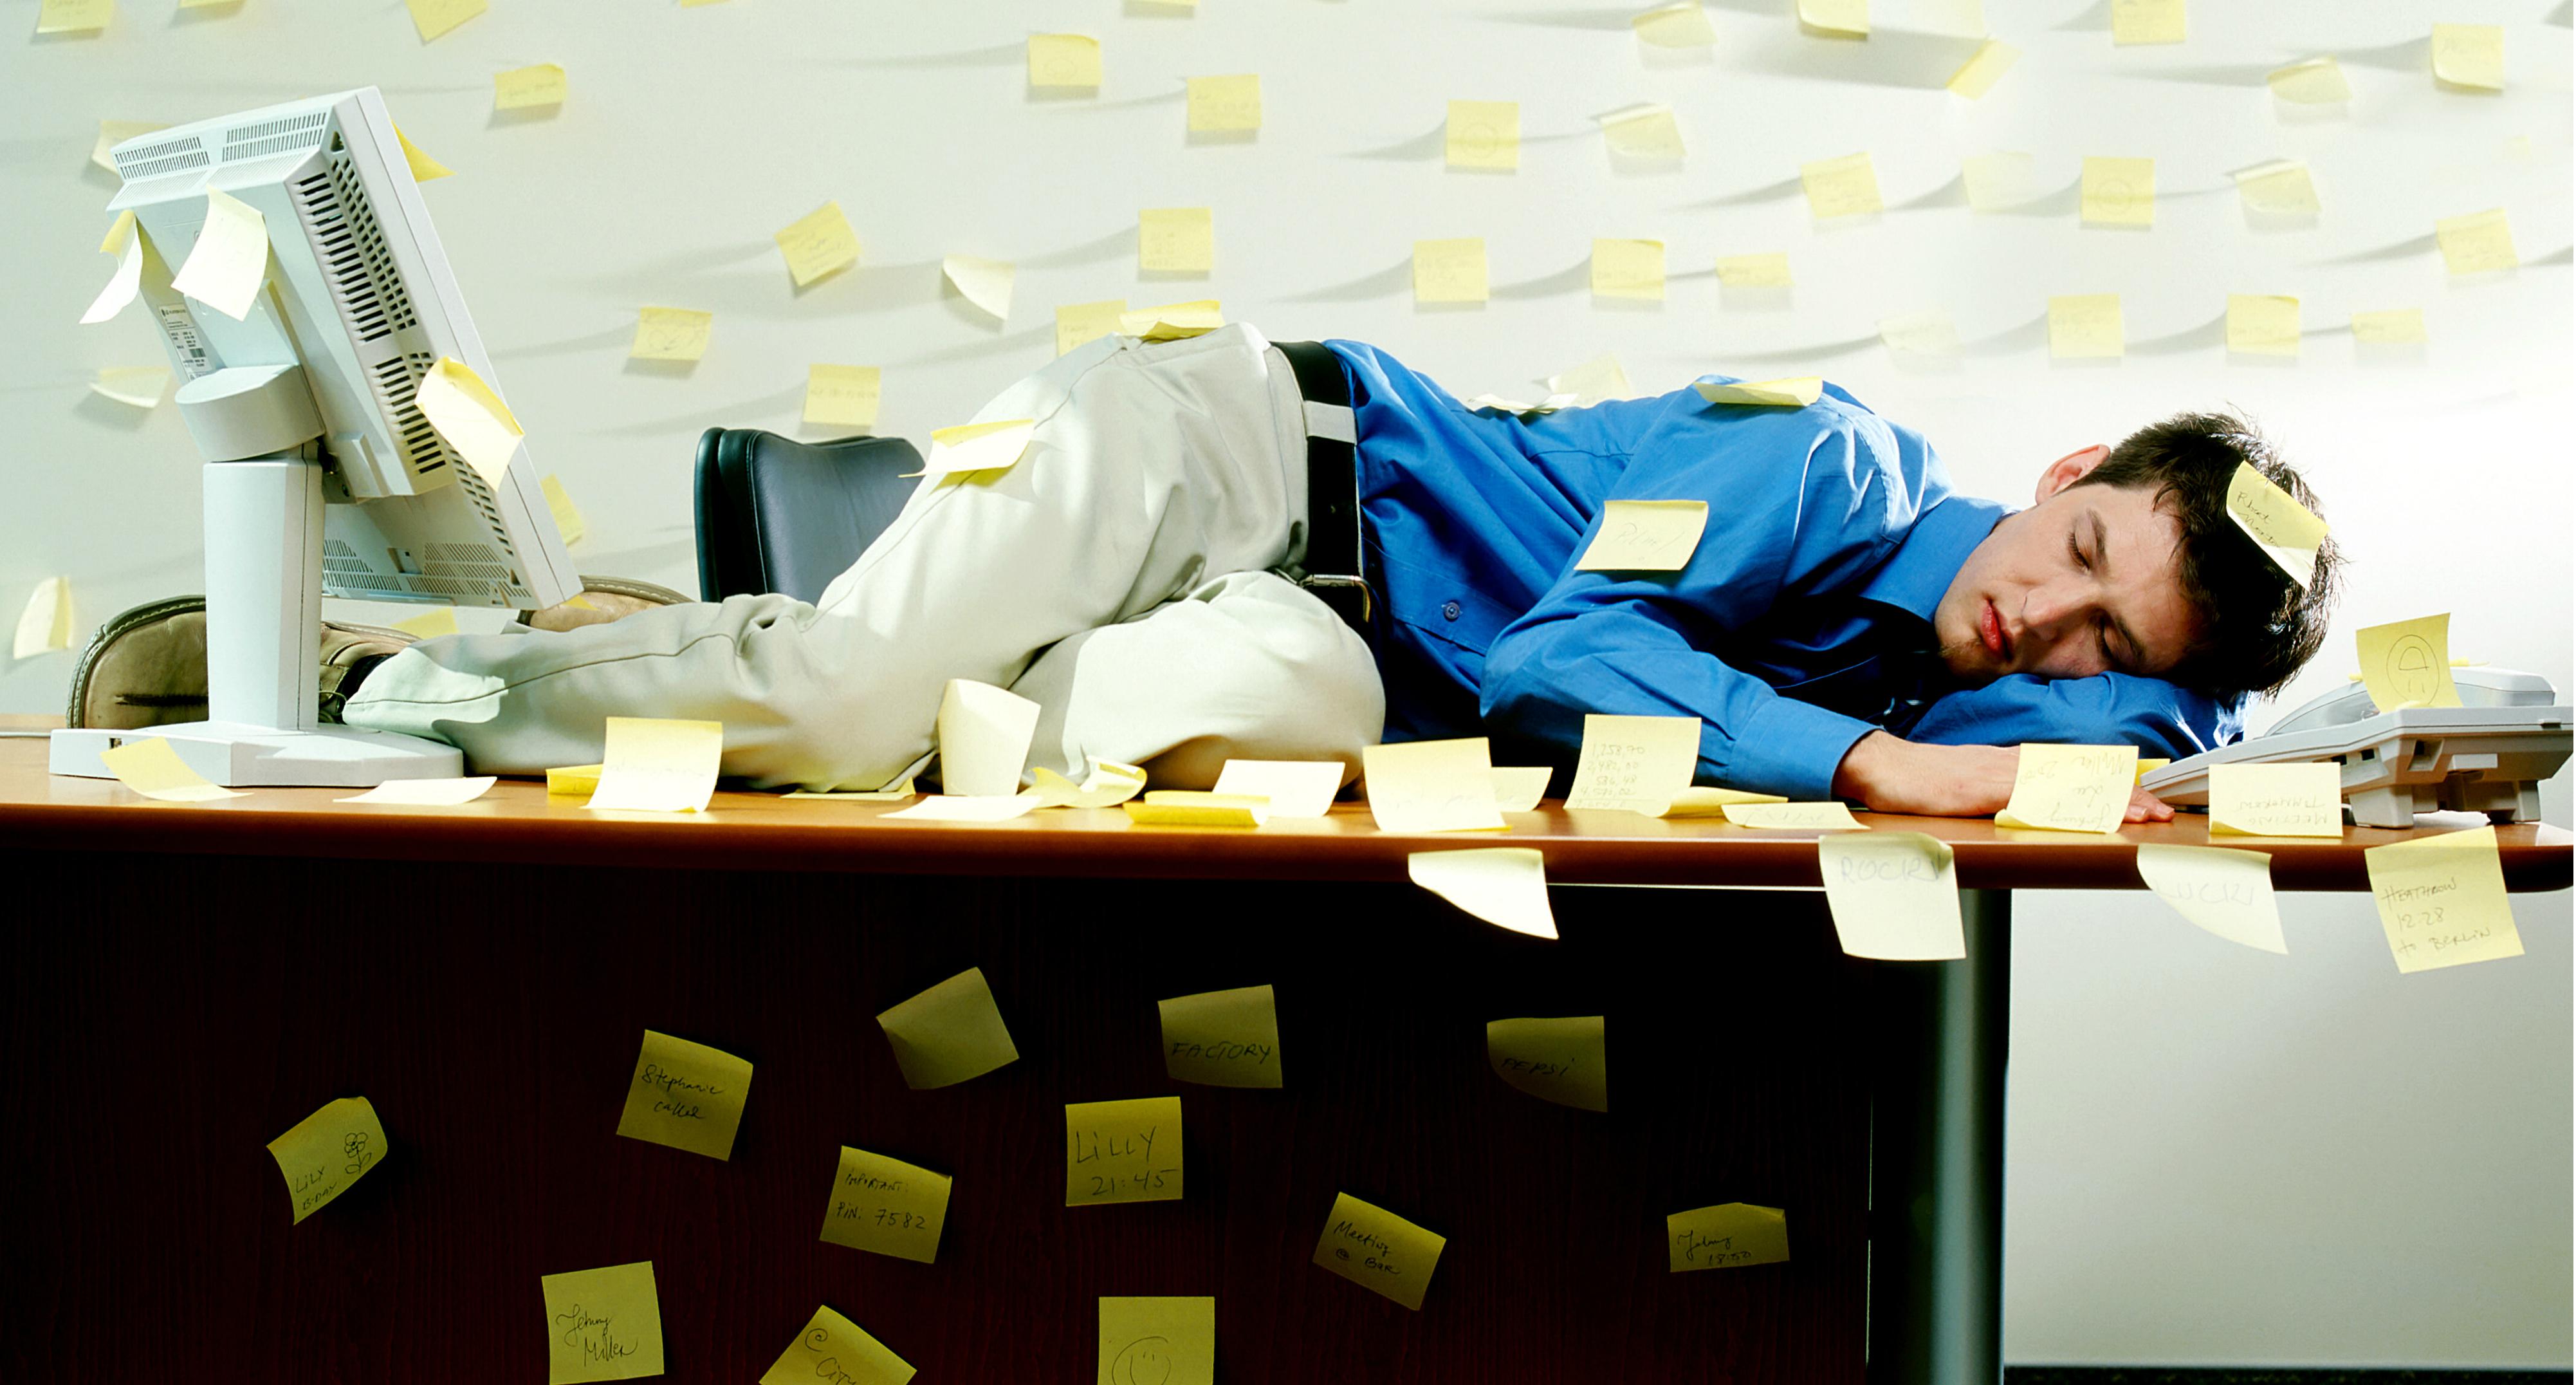 ¿Eres adicto al trabajo? Compruébalo en 4 pasos